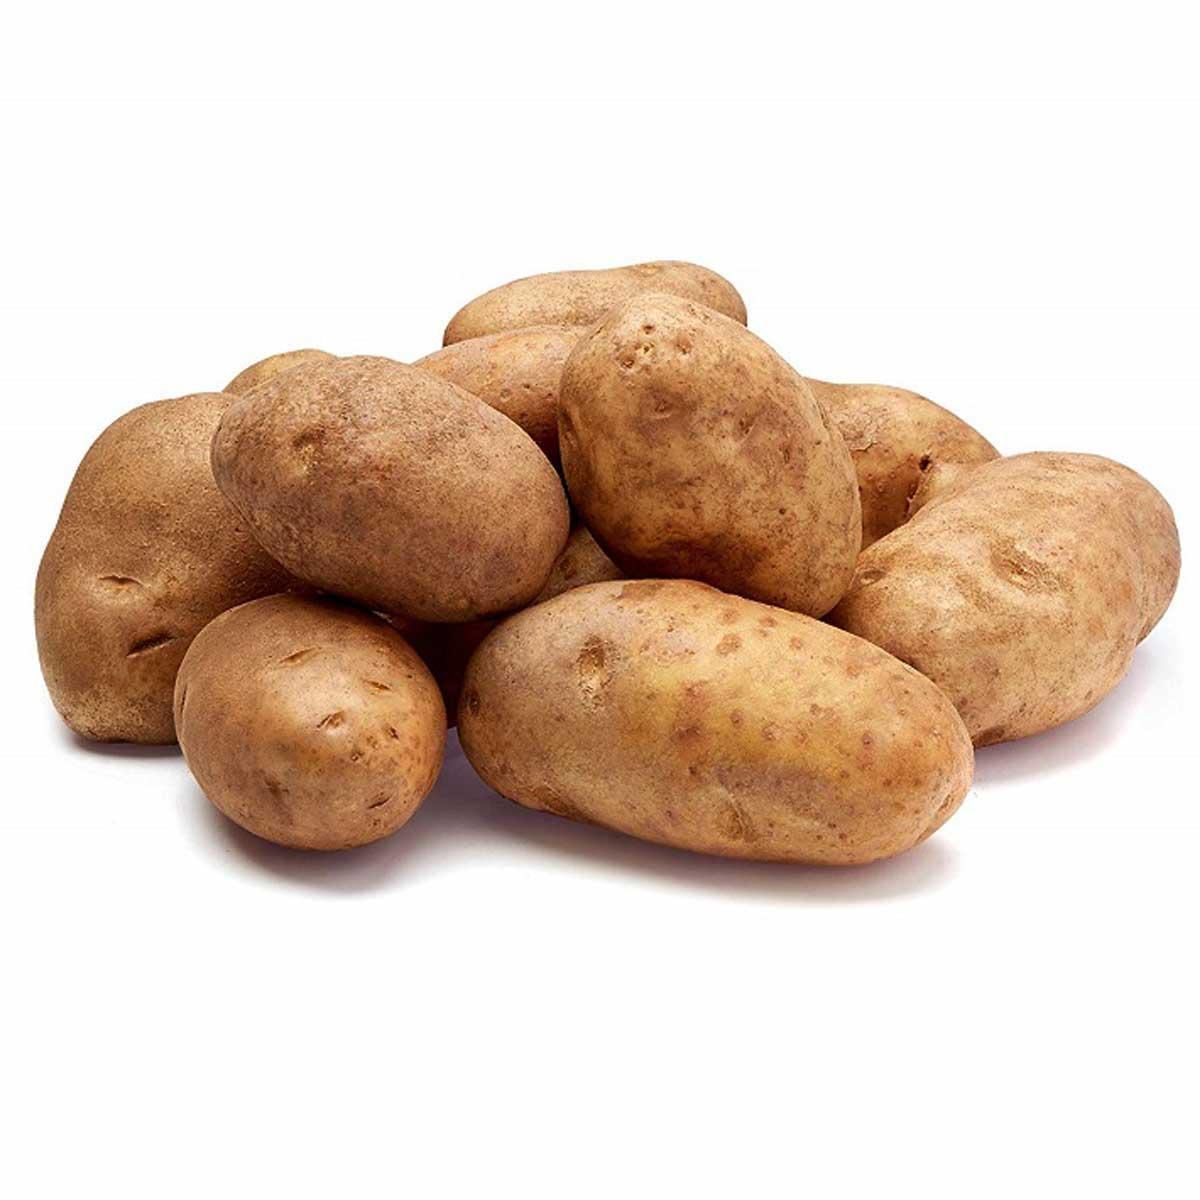 Potato Lebenon